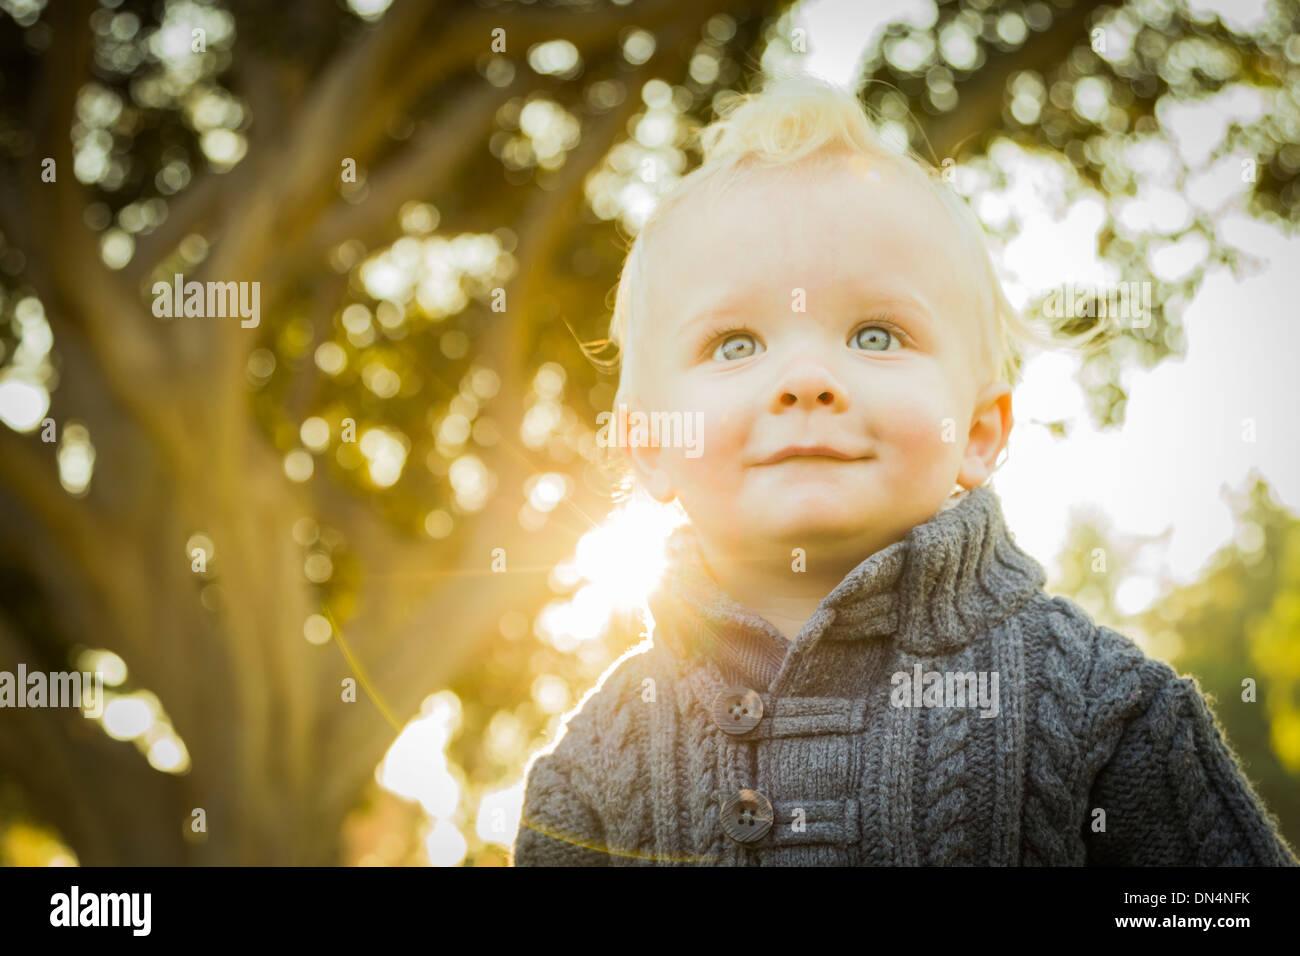 Adorable petit garçon blond bébé à l'extérieur dans le parc. Photo Stock